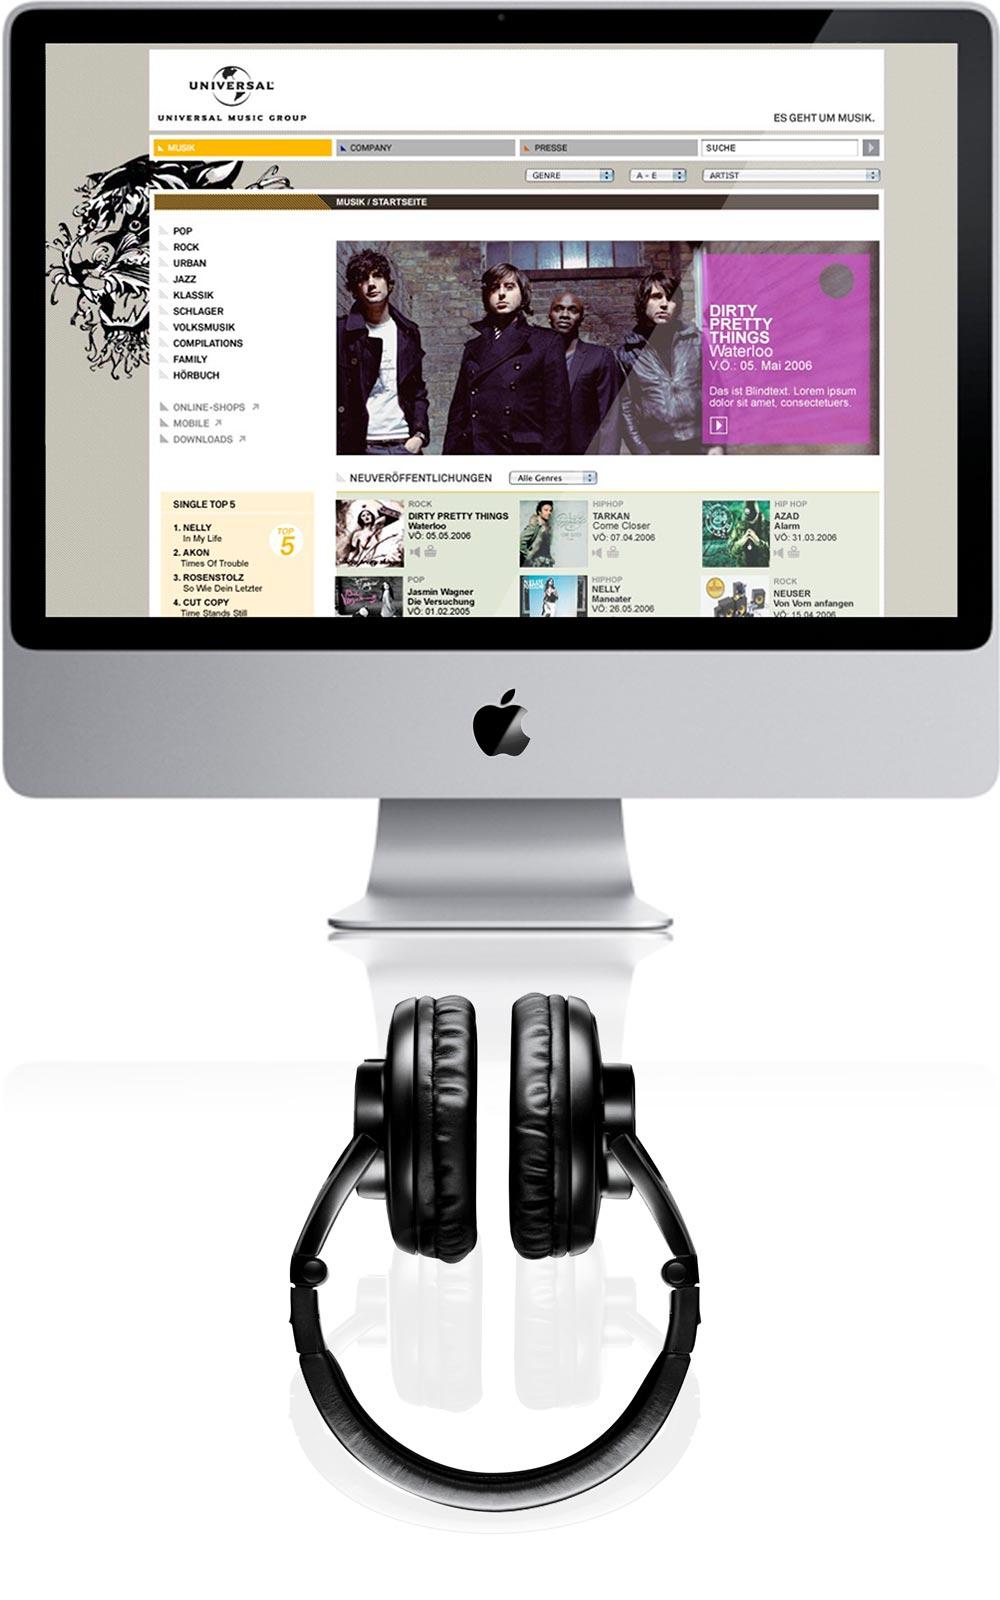 COEN Concept & Design Berlin - Universal Music